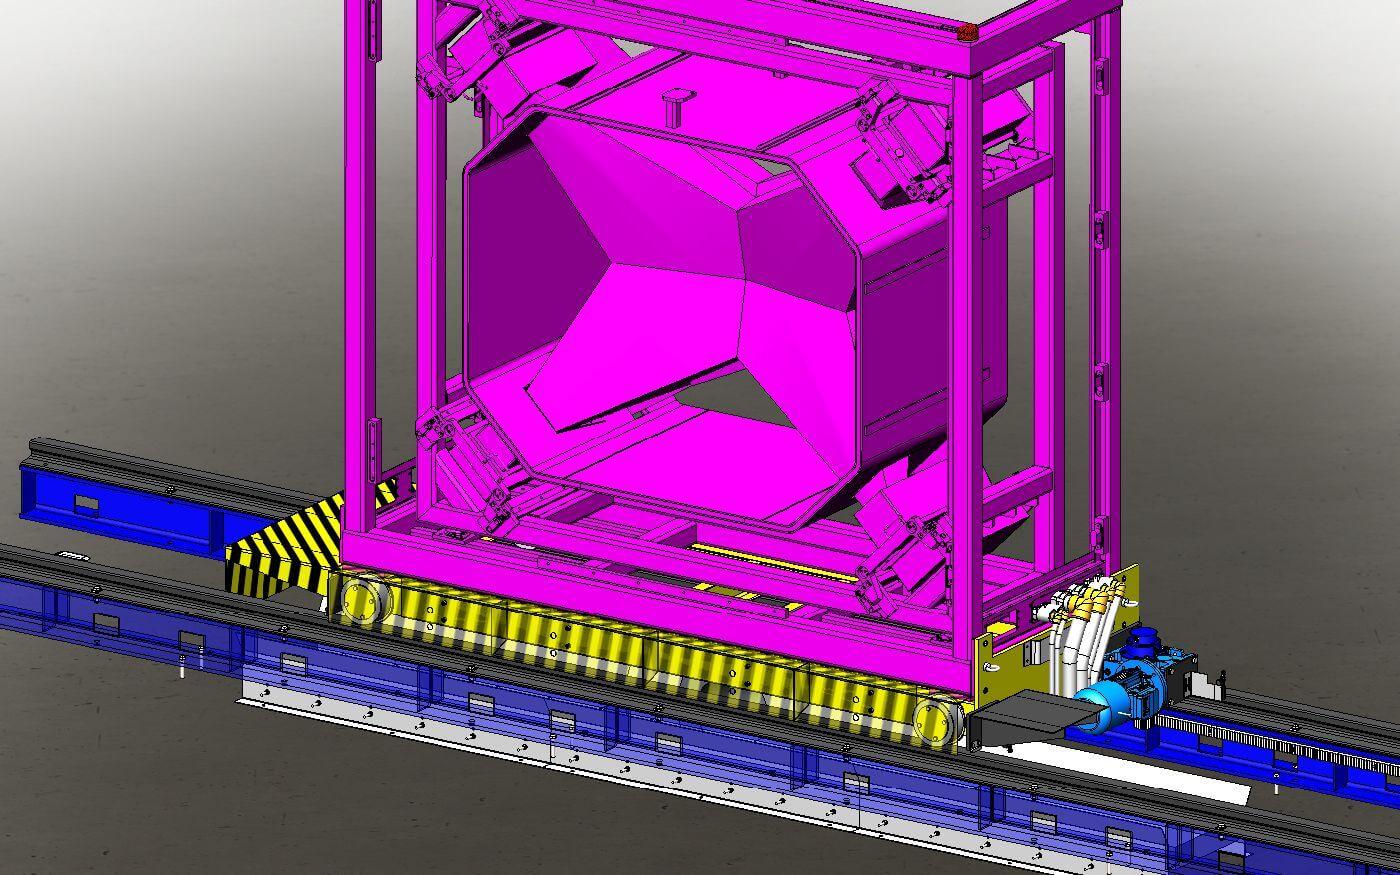 Proto studi 3d surveyings laser scanner for Architecture 3d laser scanner